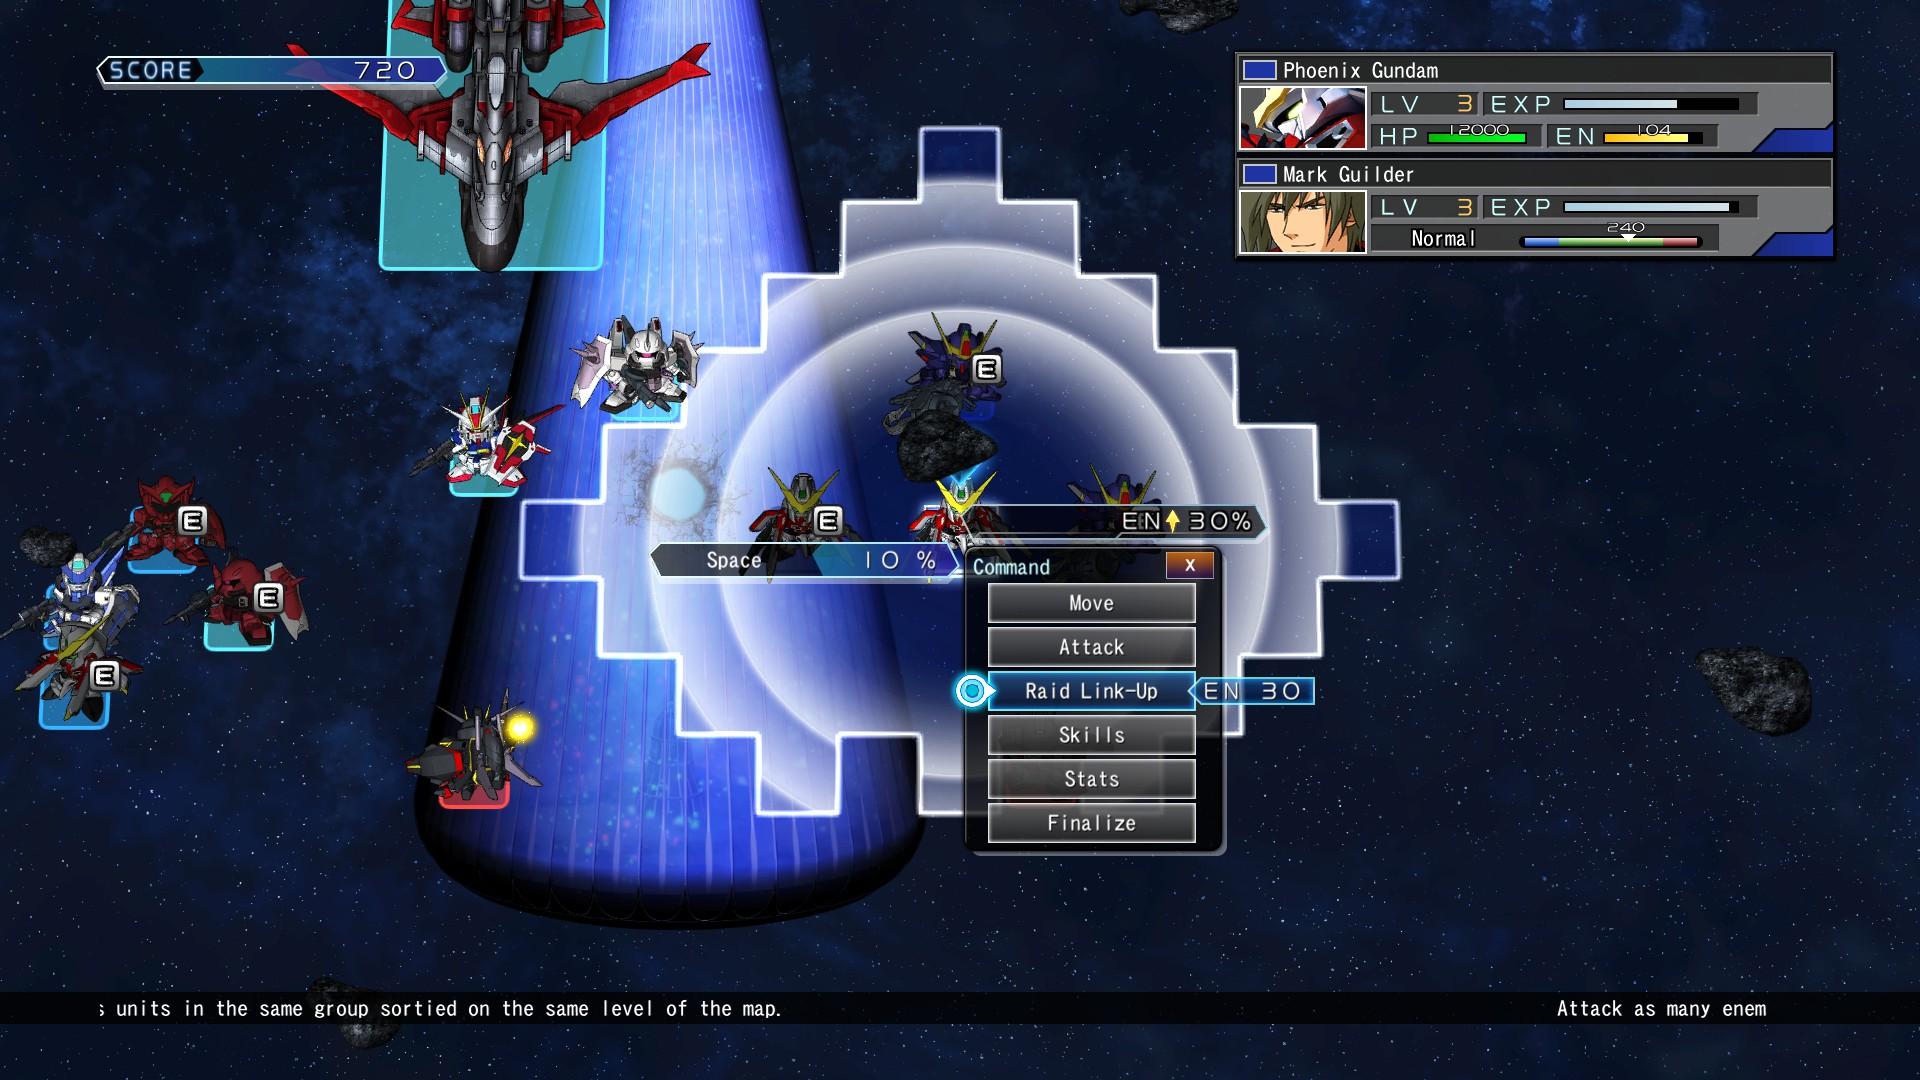 Gundam 29112019 21